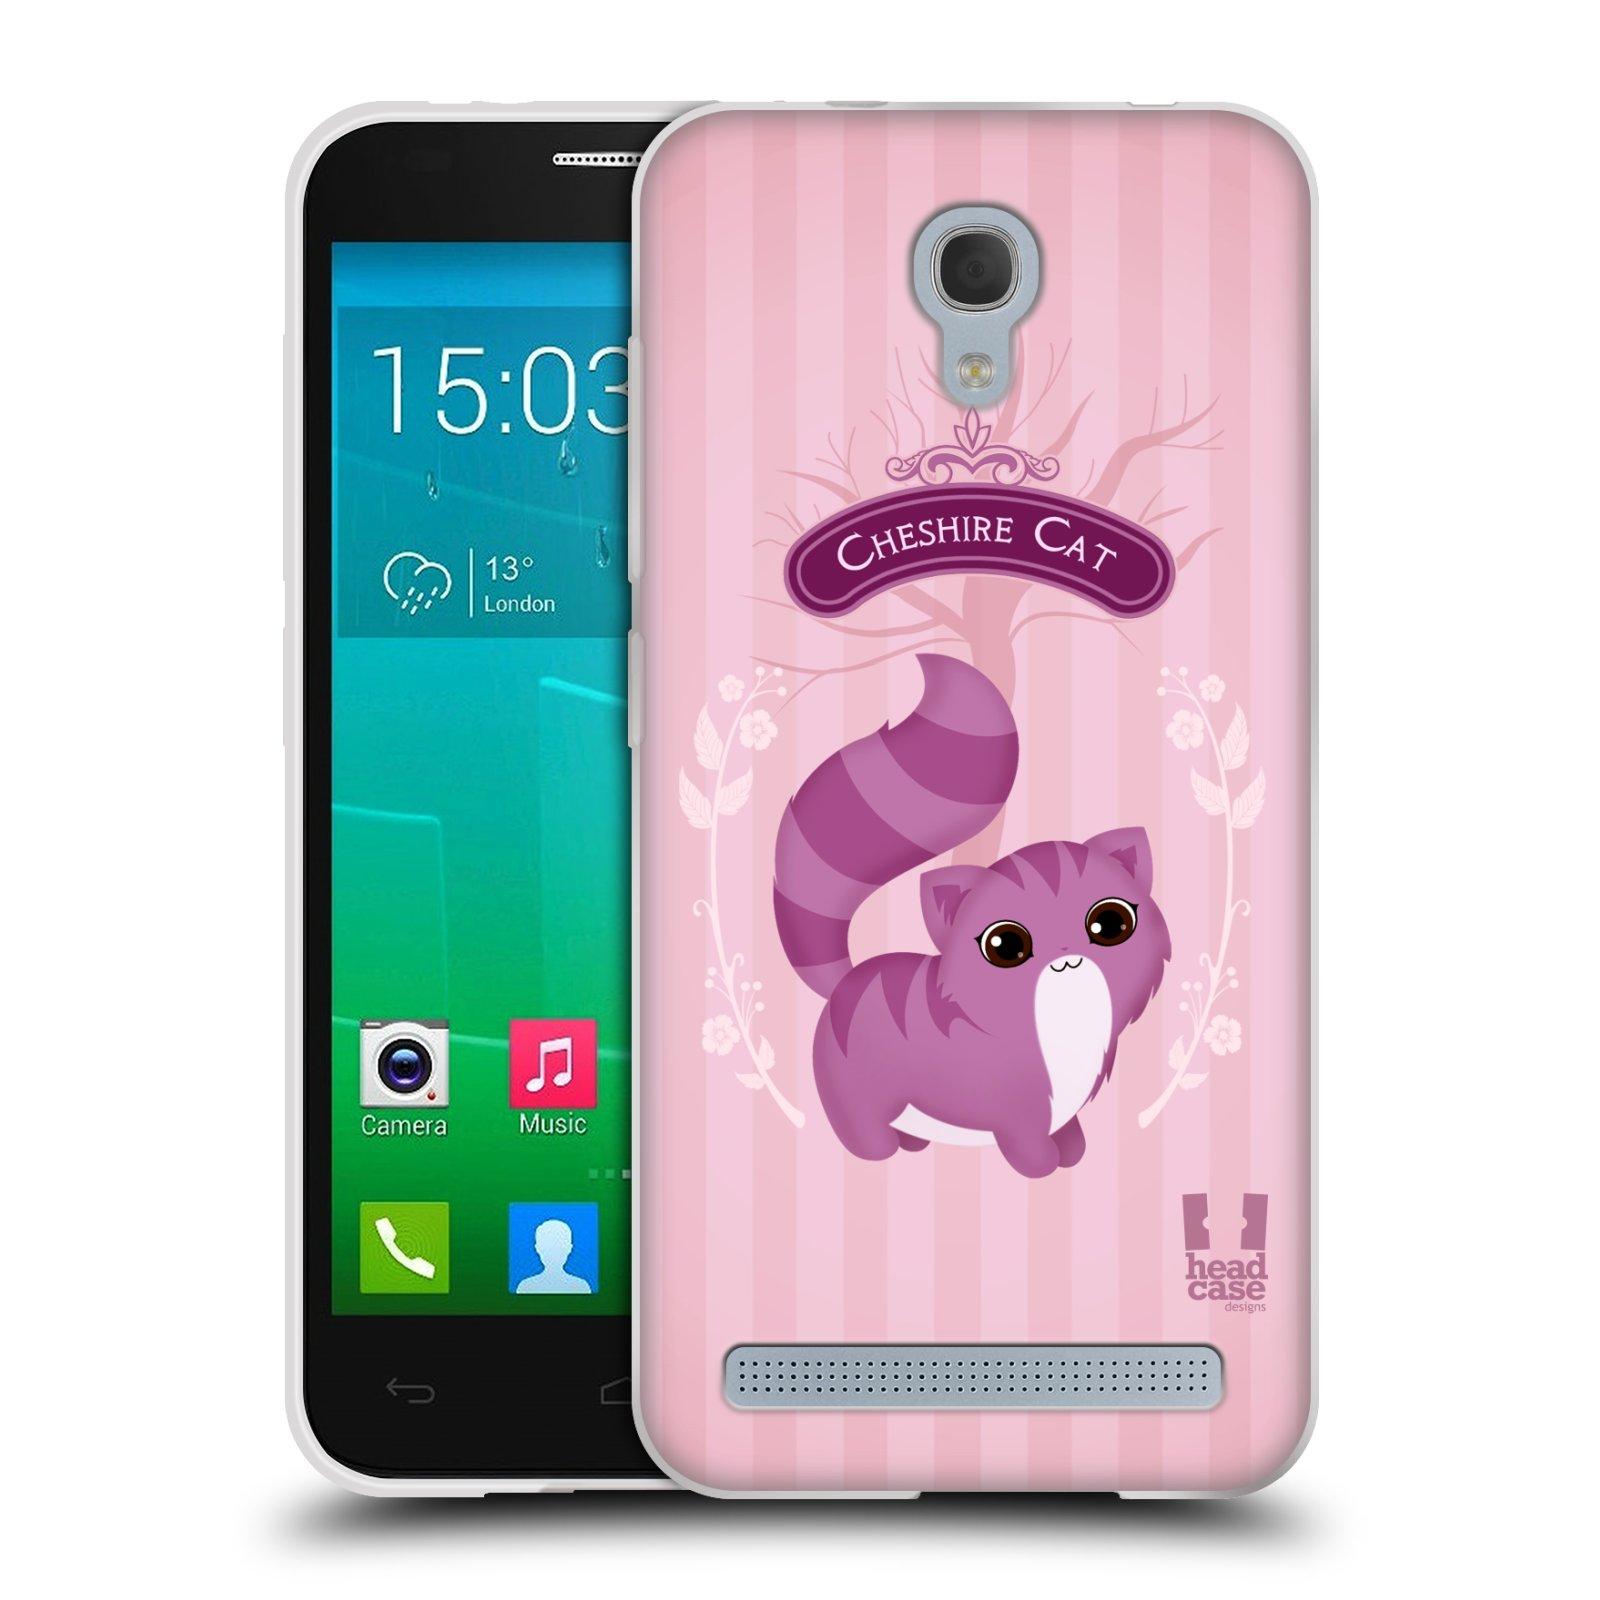 HEAD CASE silikonový obal na mobil Alcatel Idol 2 MINI S 6036Y vzor Alenka v říši divů kočička